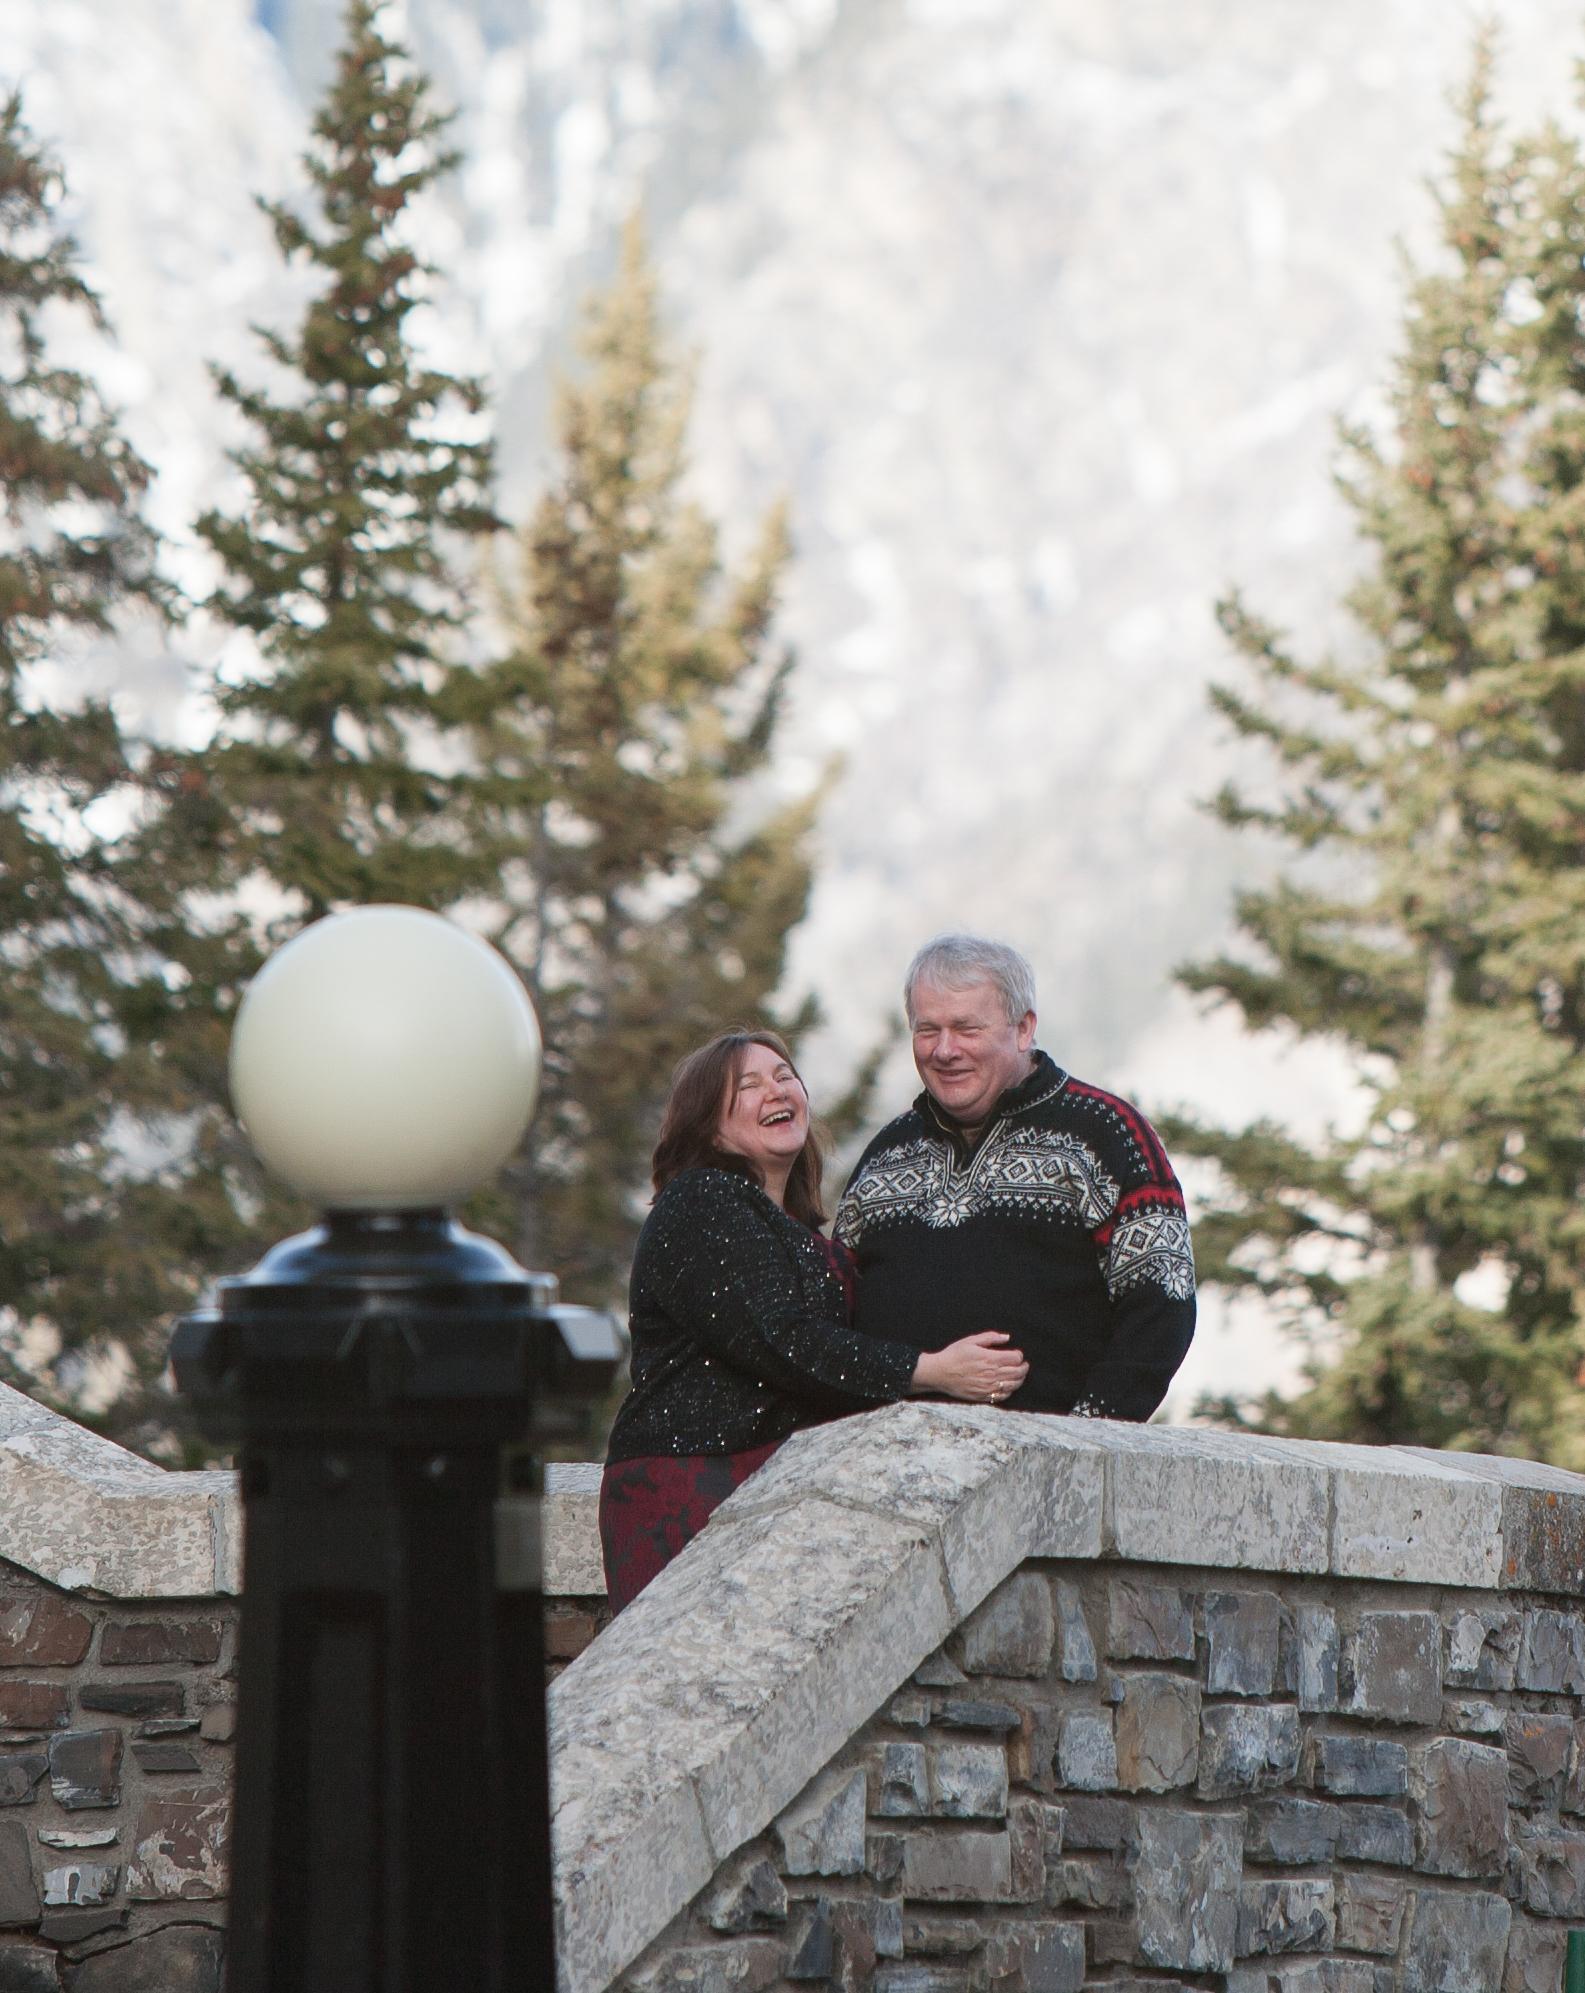 Kath and Ian-65.jpg